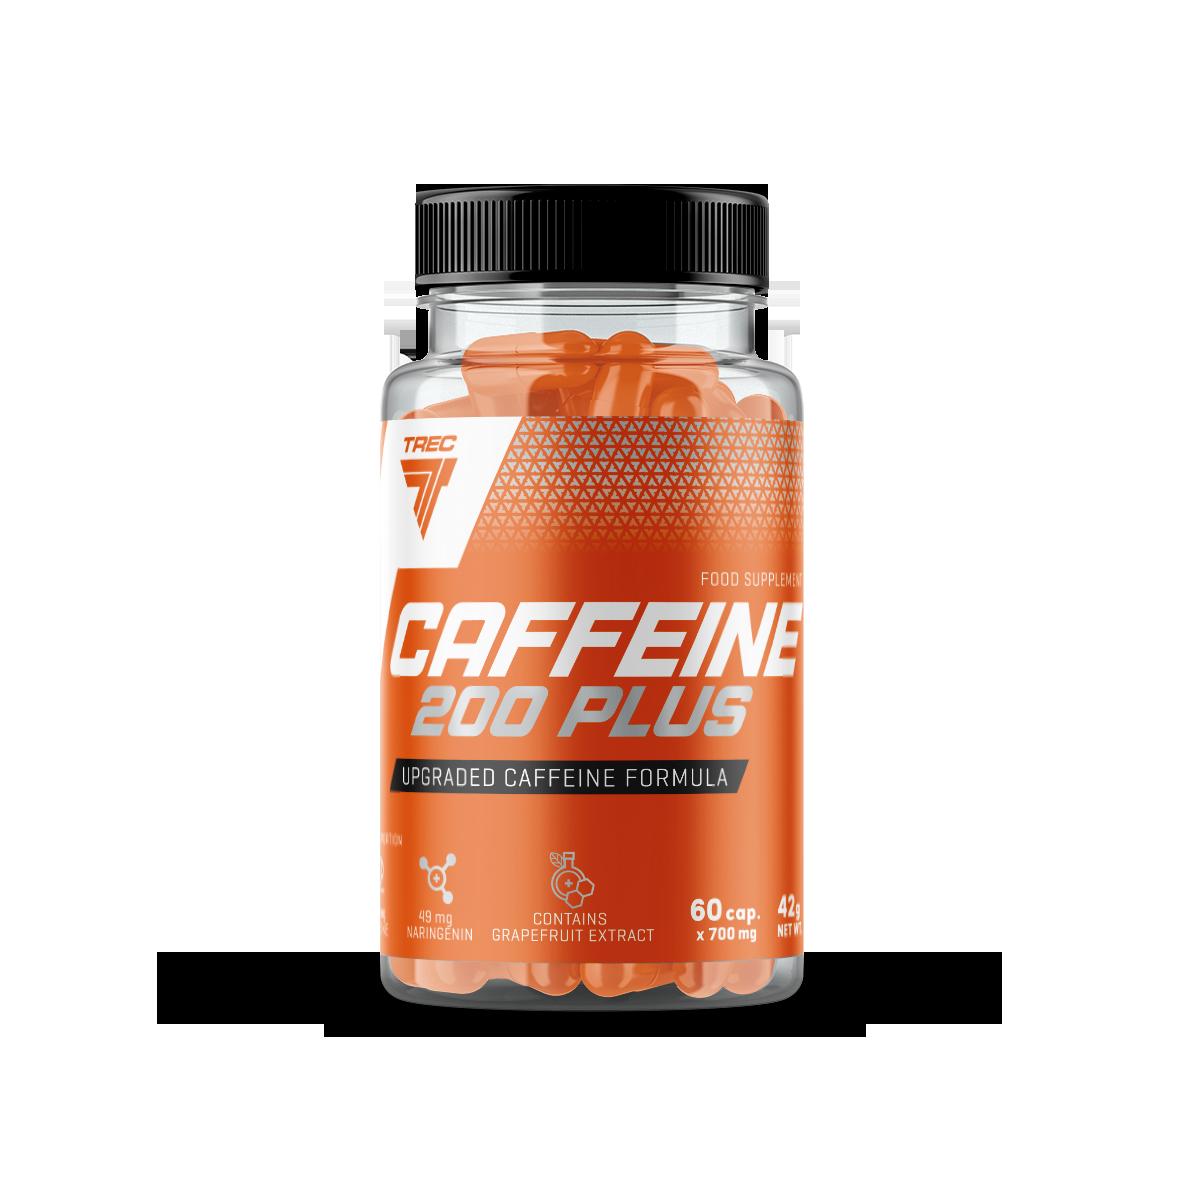 caffeine-200-plus-glowne-dv